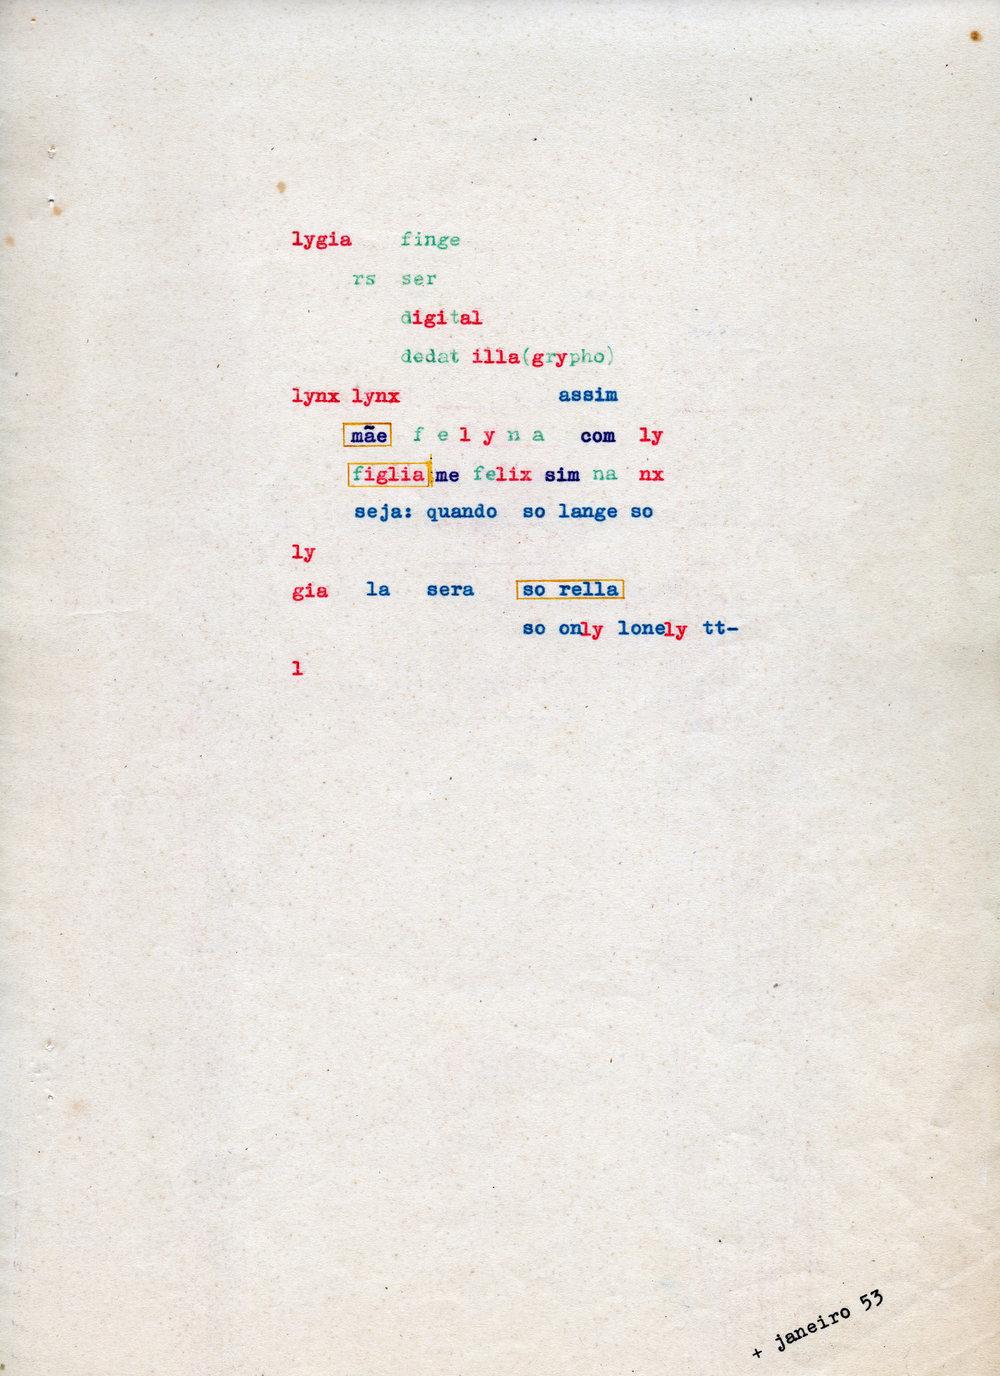 """2. Augusto de Campos,  lygia finge rs , 1953, Tapuscrit original du poème extrait de la série """"poetamenos"""" et publié dans la revue  noigandres , nº2, éd. des auteurs, São Paulo, 1955"""